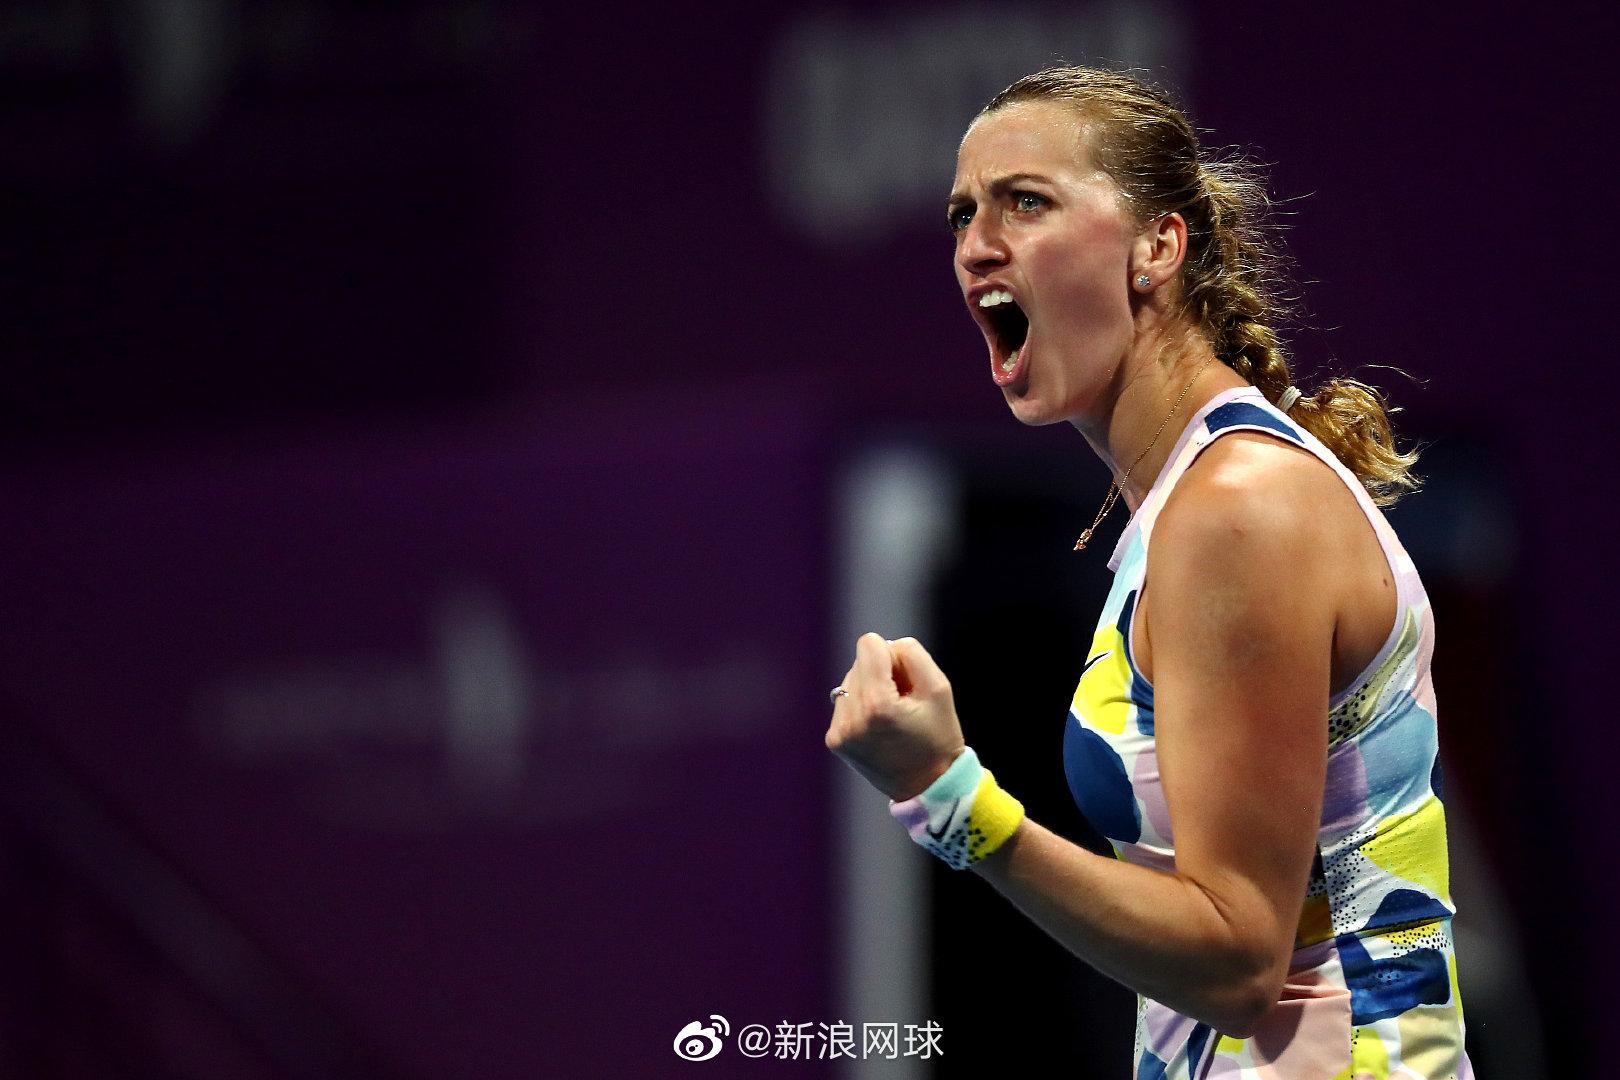 科维托娃对阵世界第一胜利